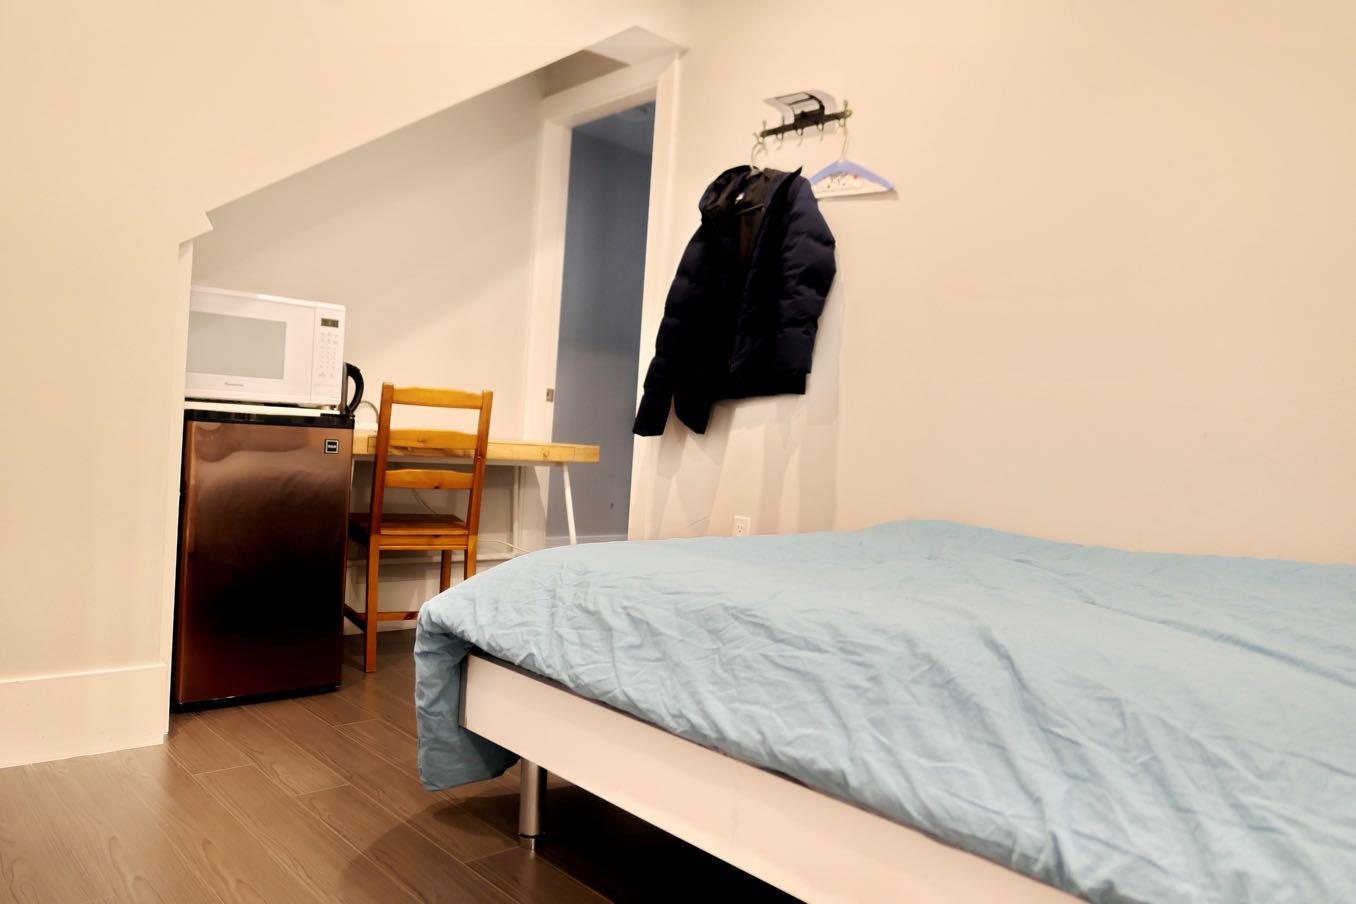 日本のワンルームのような部屋